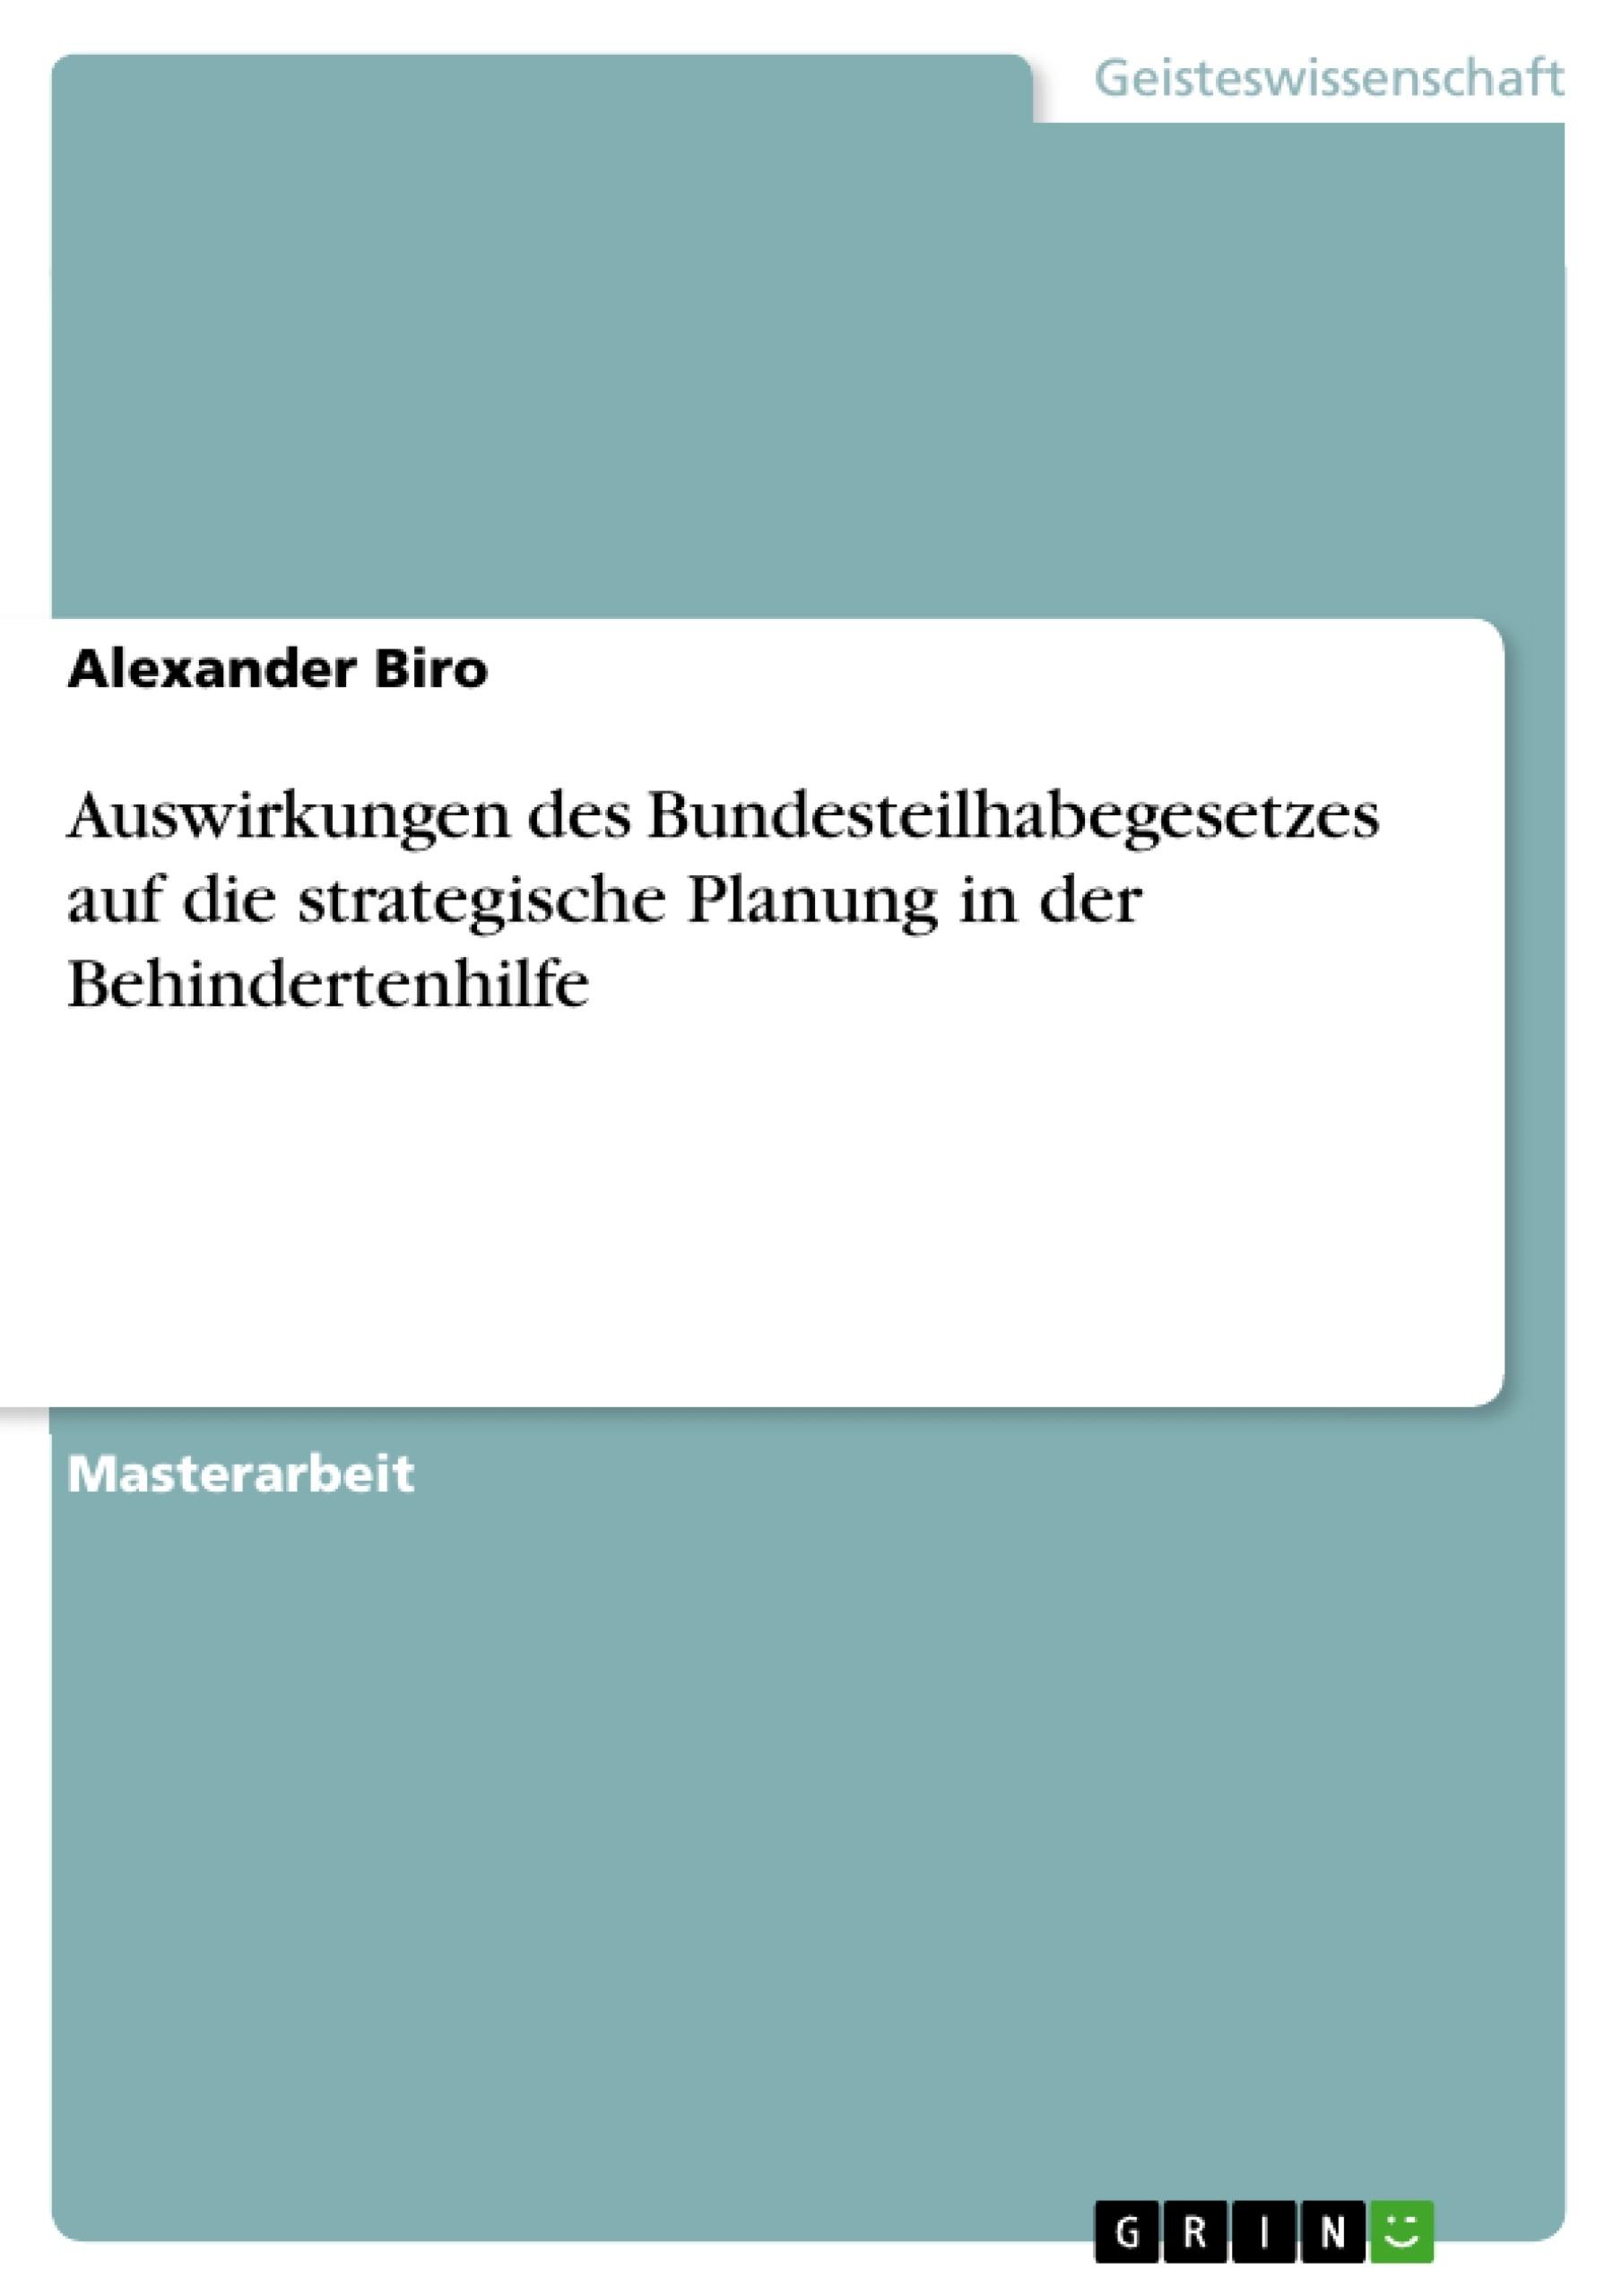 Titel: Auswirkungen des Bundesteilhabegesetzes auf die strategische Planung in der Behindertenhilfe